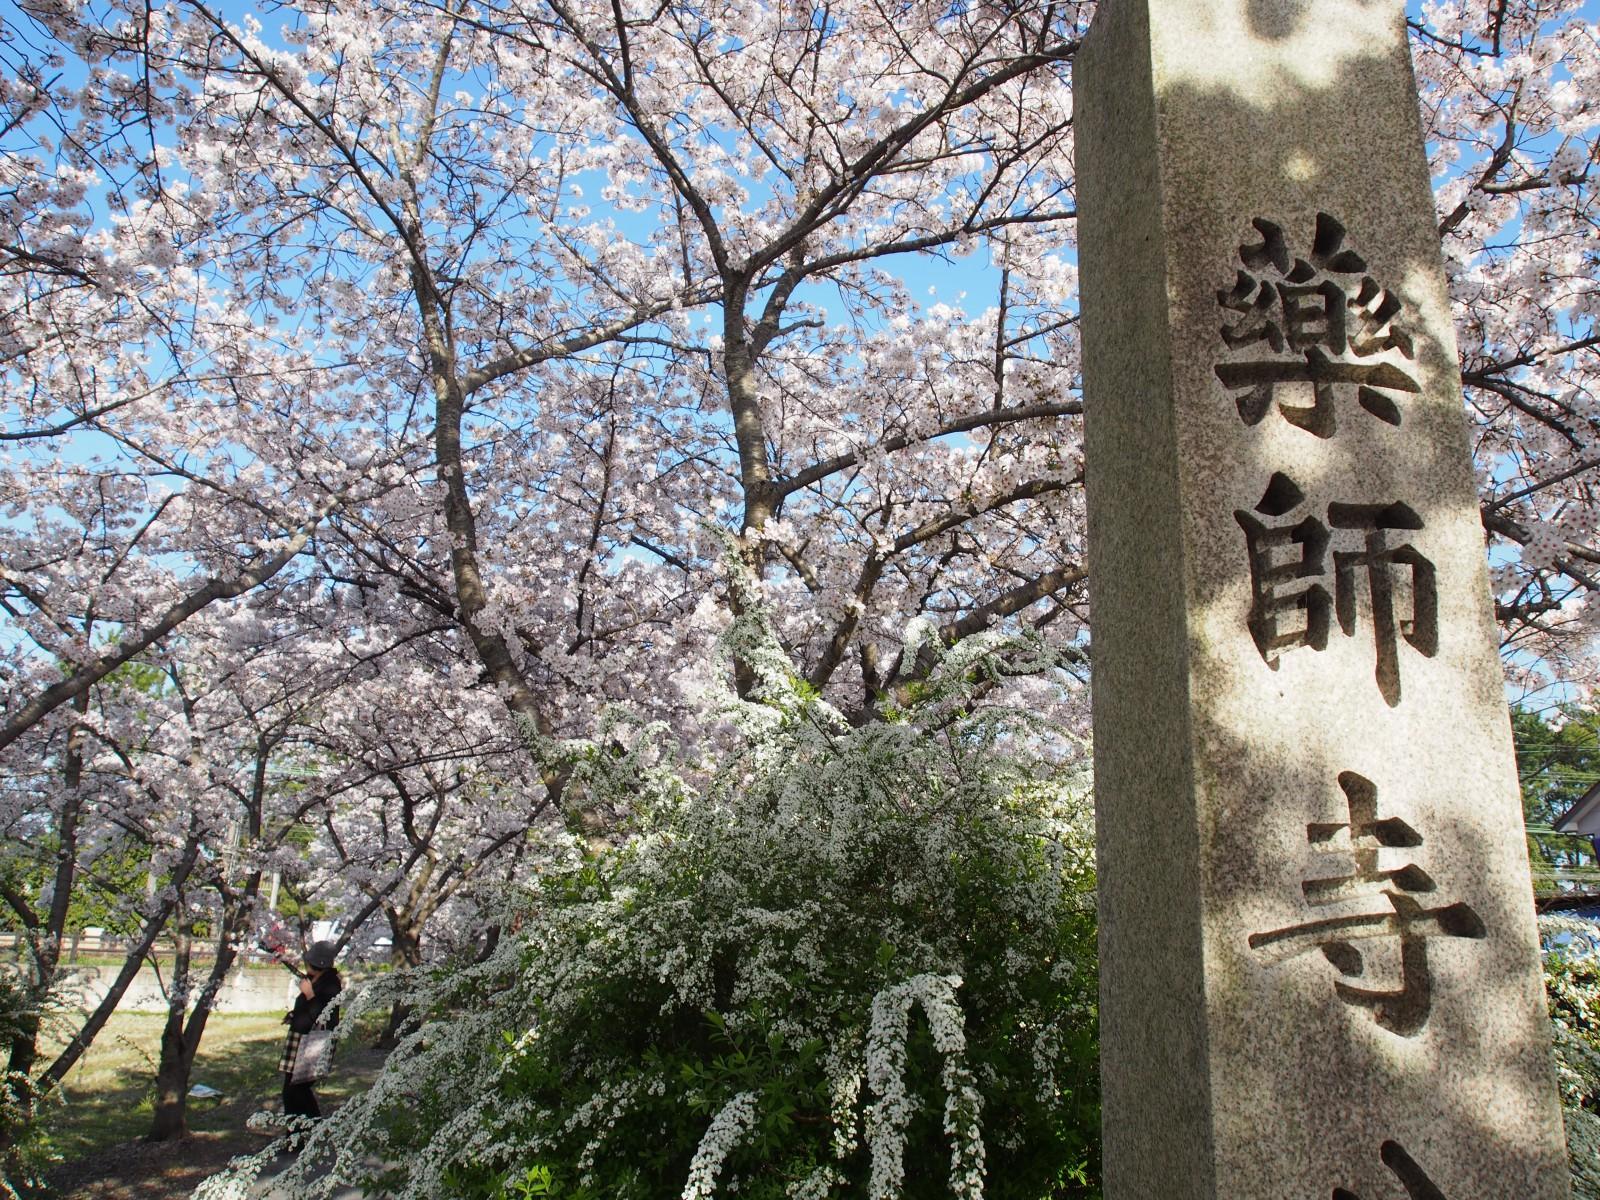 薬師寺休ヶ岡八幡宮への参道(桜のトンネル)